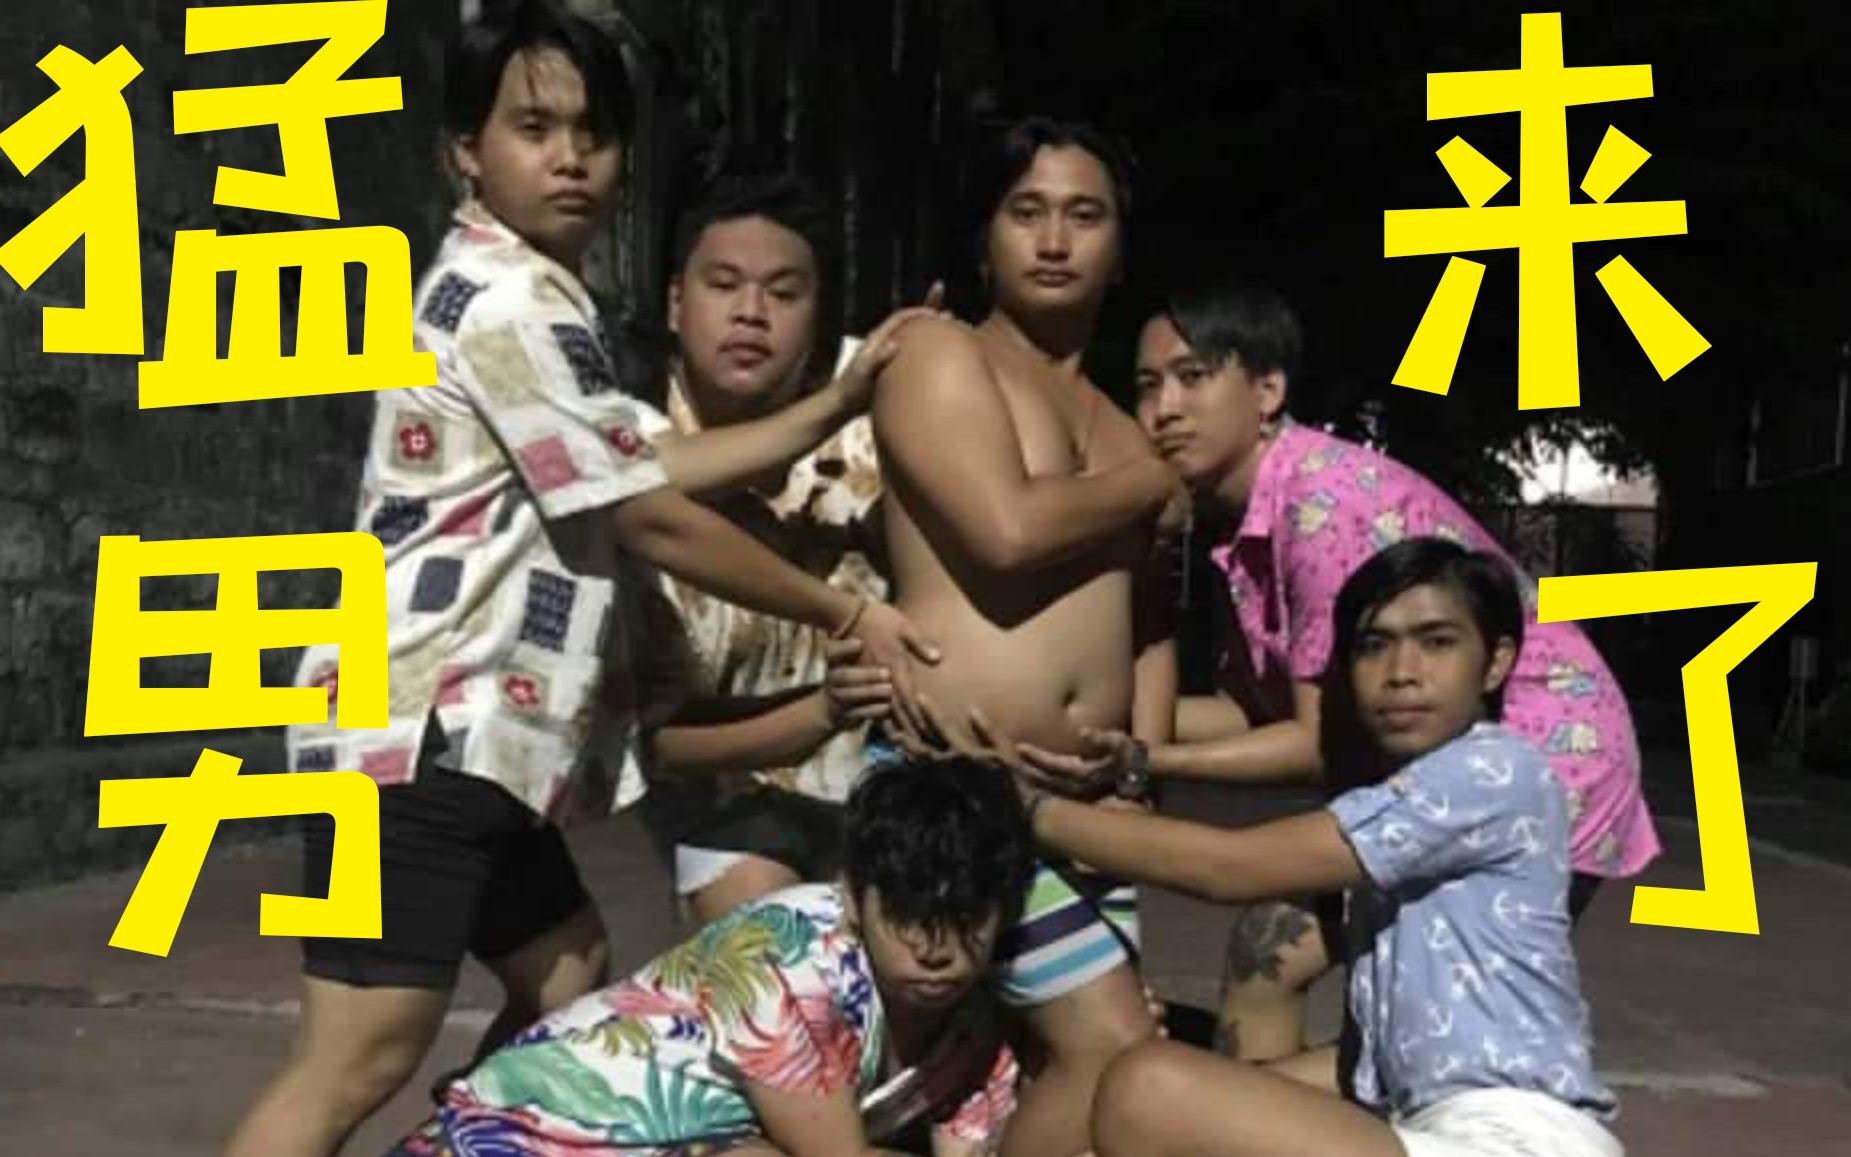 【久等了】猛男舞团正式入驻B站啦!!!